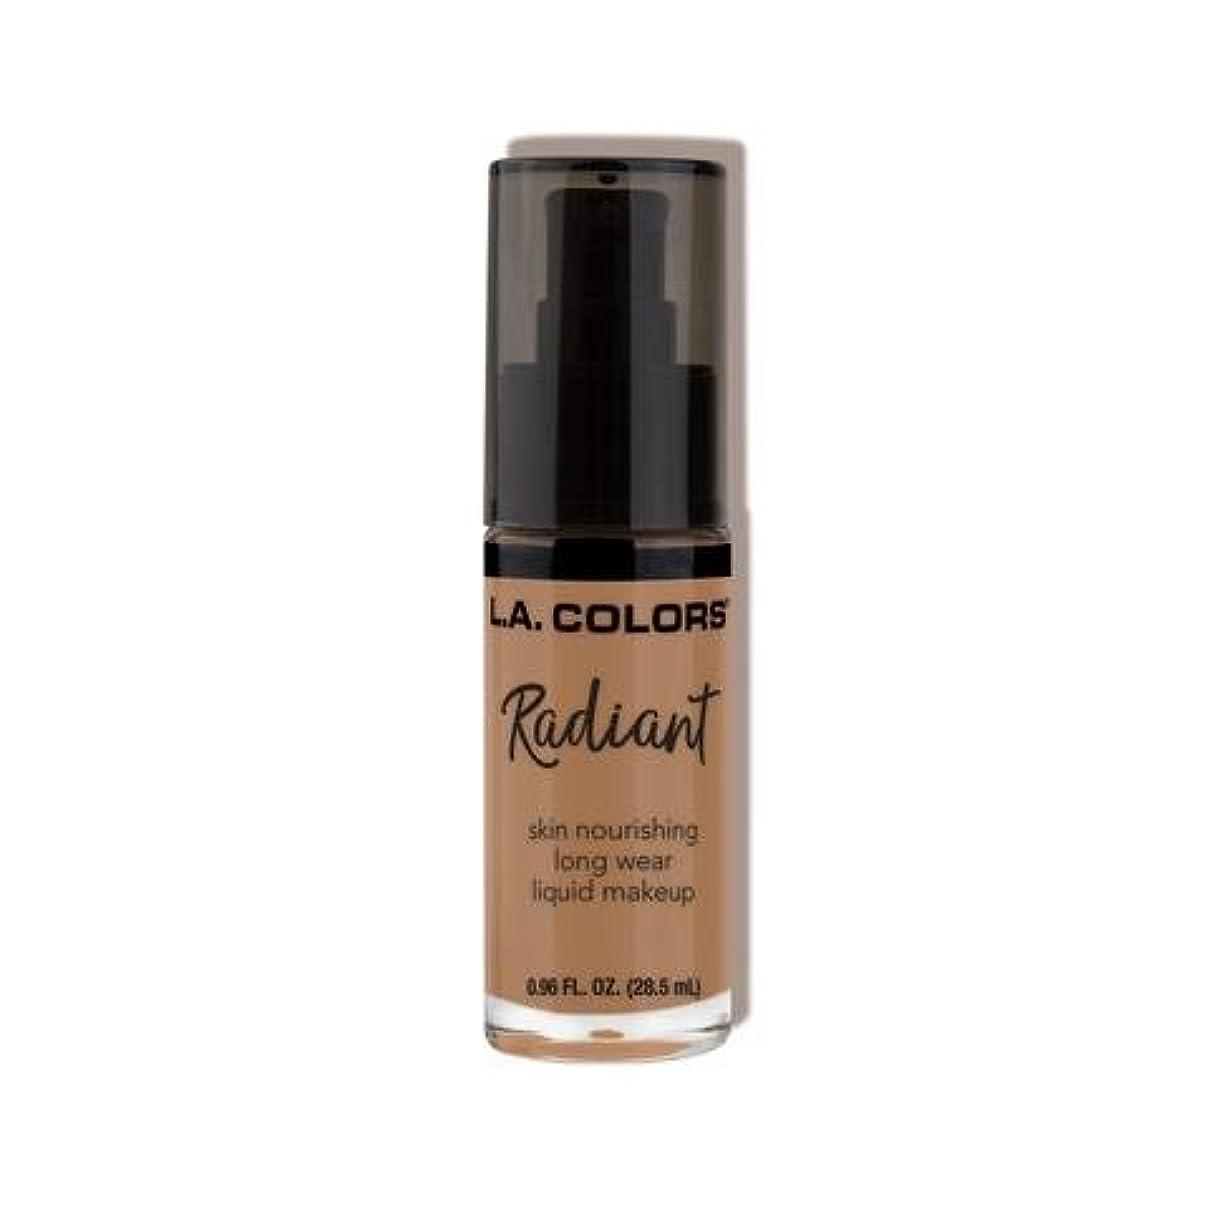 今晩クレデンシャルコンバーチブル(6 Pack) L.A. COLORS Radiant Liquid Makeup - Creamy Cafe (並行輸入品)